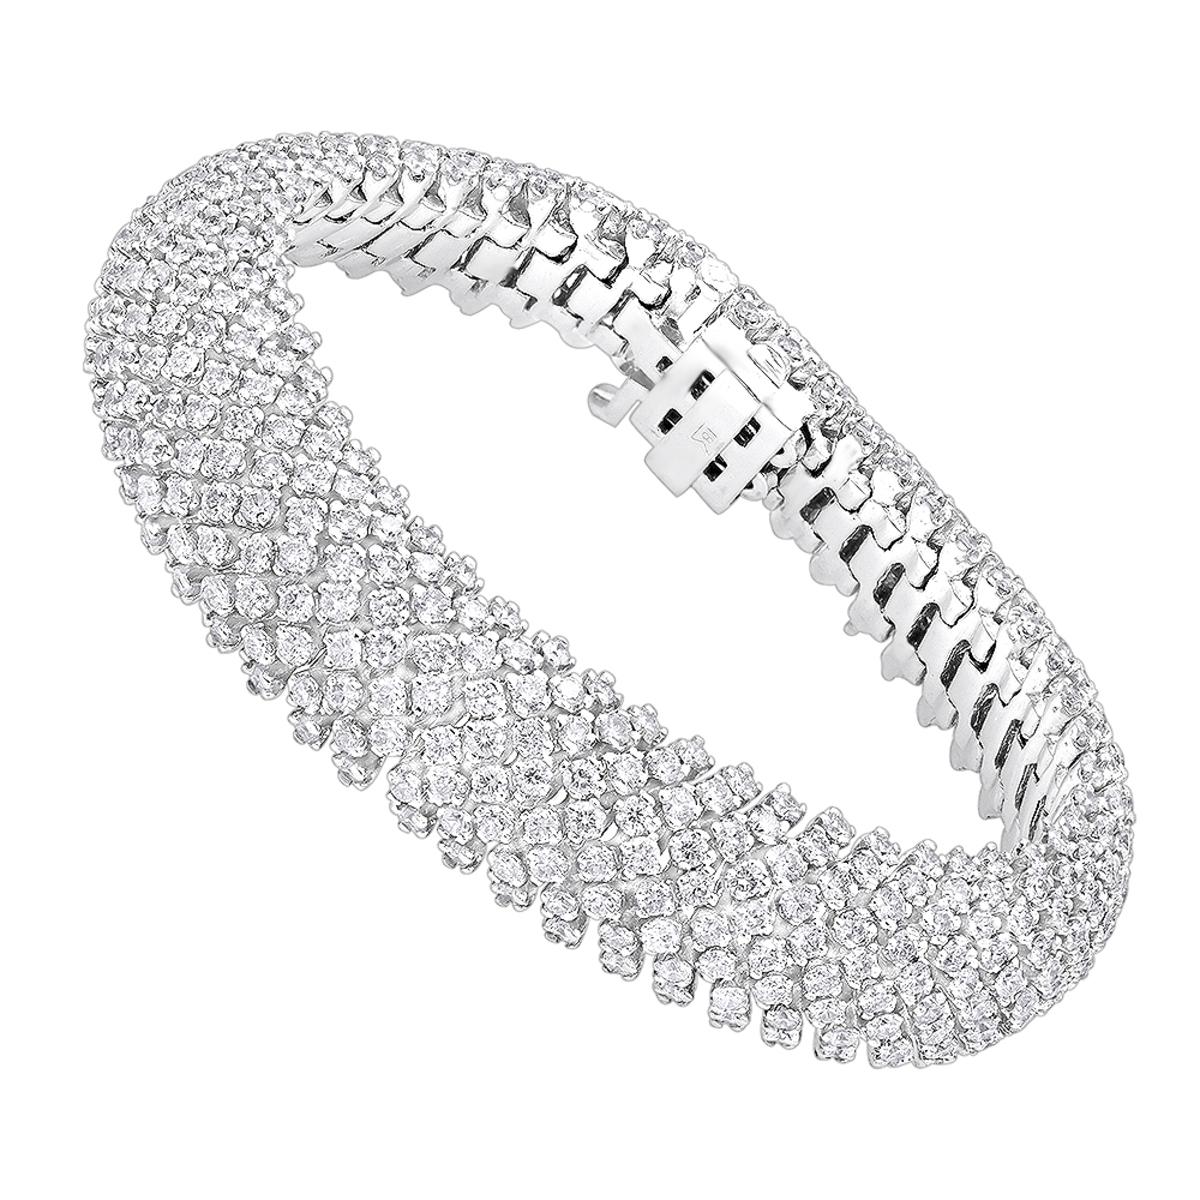 Unique 18K Gold Ladies Diamond Bracelet 14.6ct G/VS by Luxurman